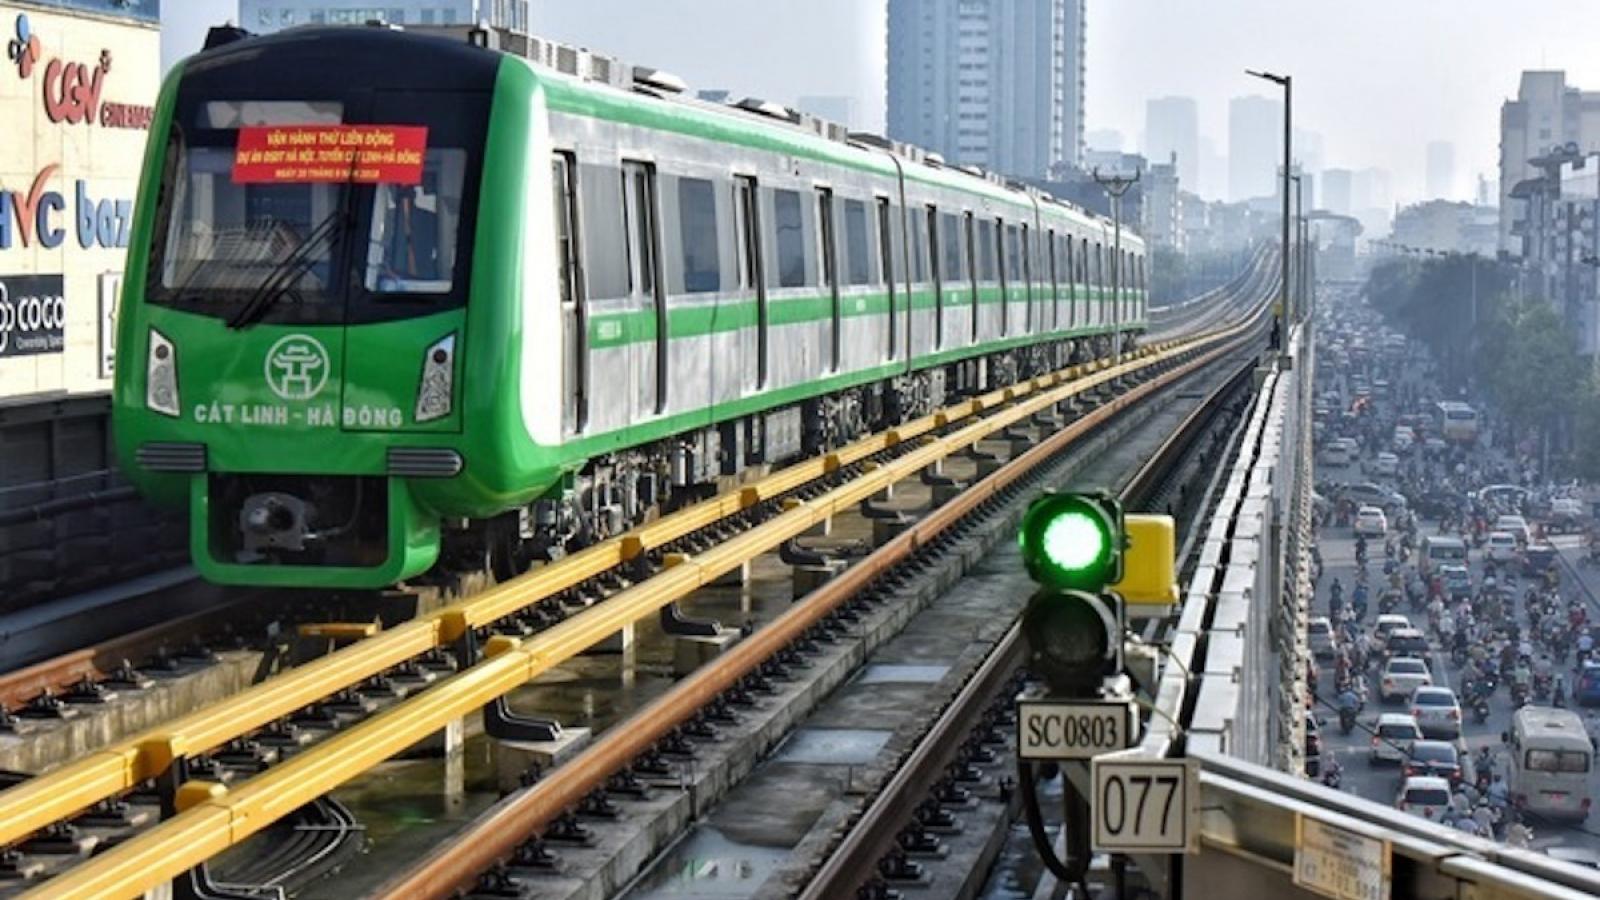 """Bảng lương lao động vận hành đường sắt Cát Linh - Hà Đông ở mức """"trung bình tiên tiến"""""""